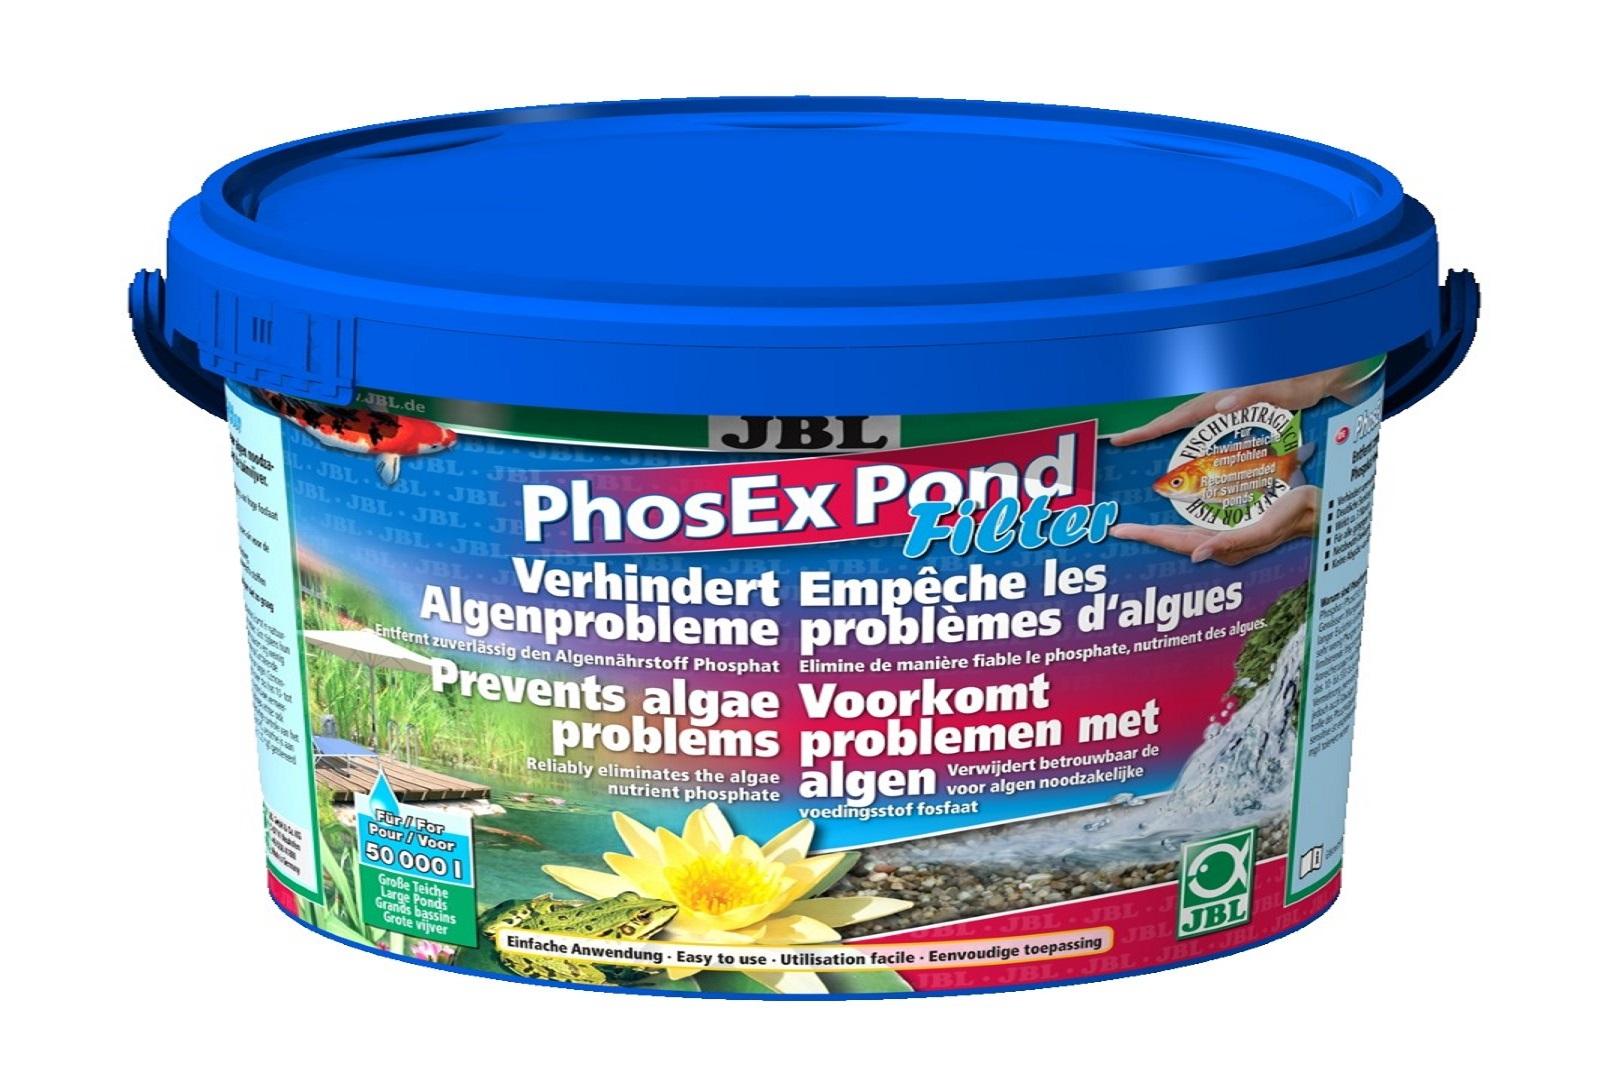 JBL PhosEX Pond  Filter 2,5 kg  Phosphatentferner f.Teichfilter Algenbeseitigung